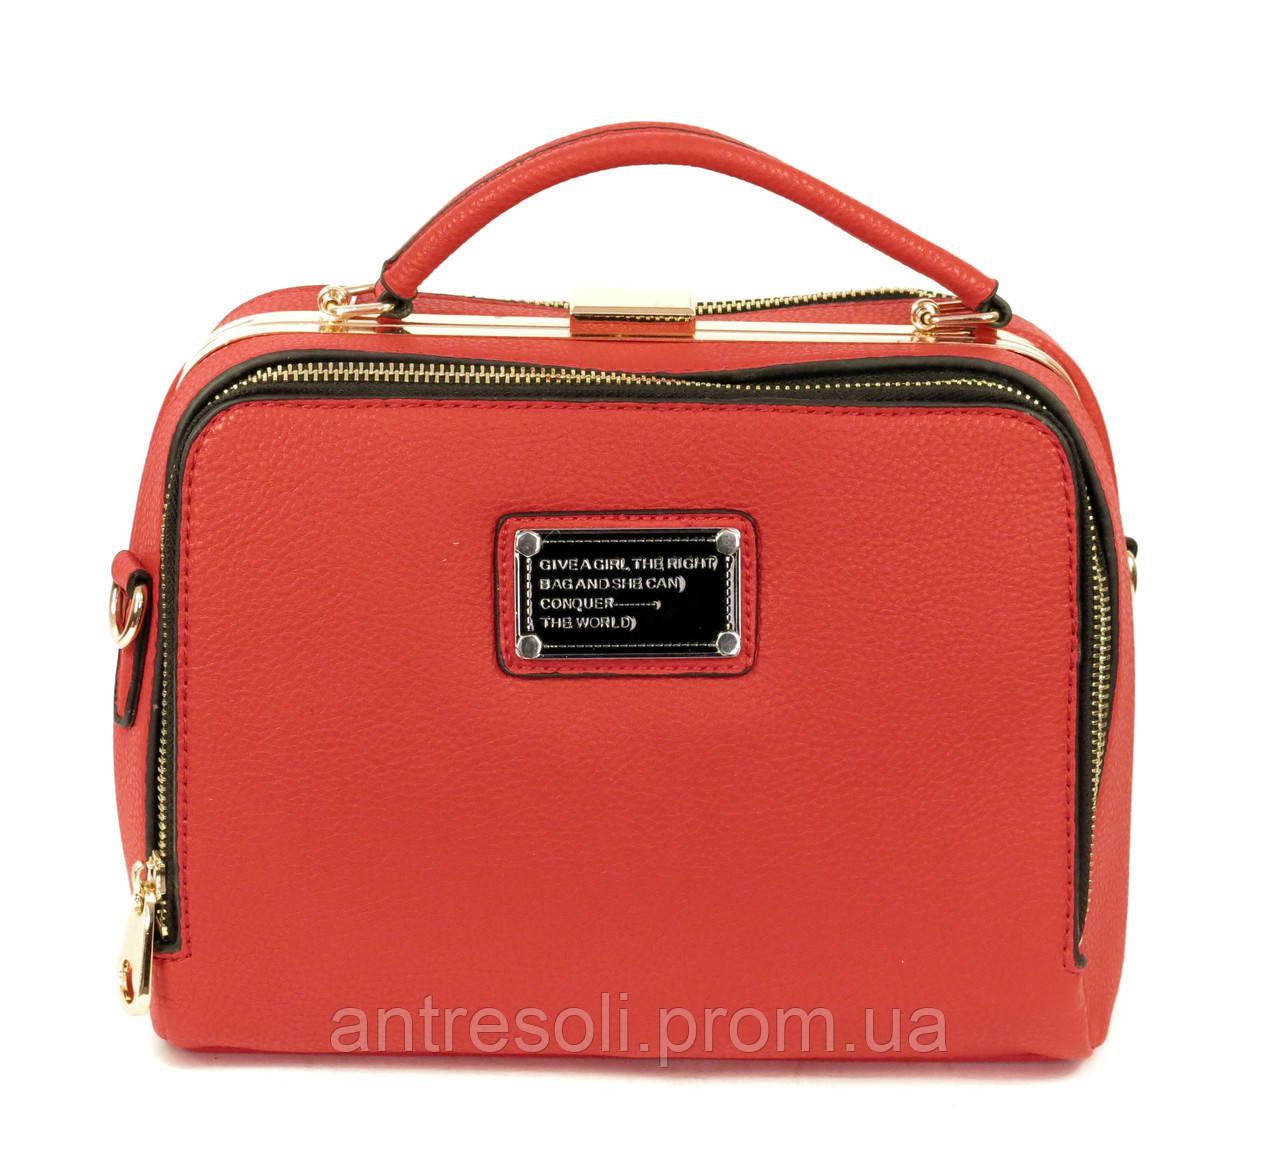 Компактная сумка саквояж красная через плечо